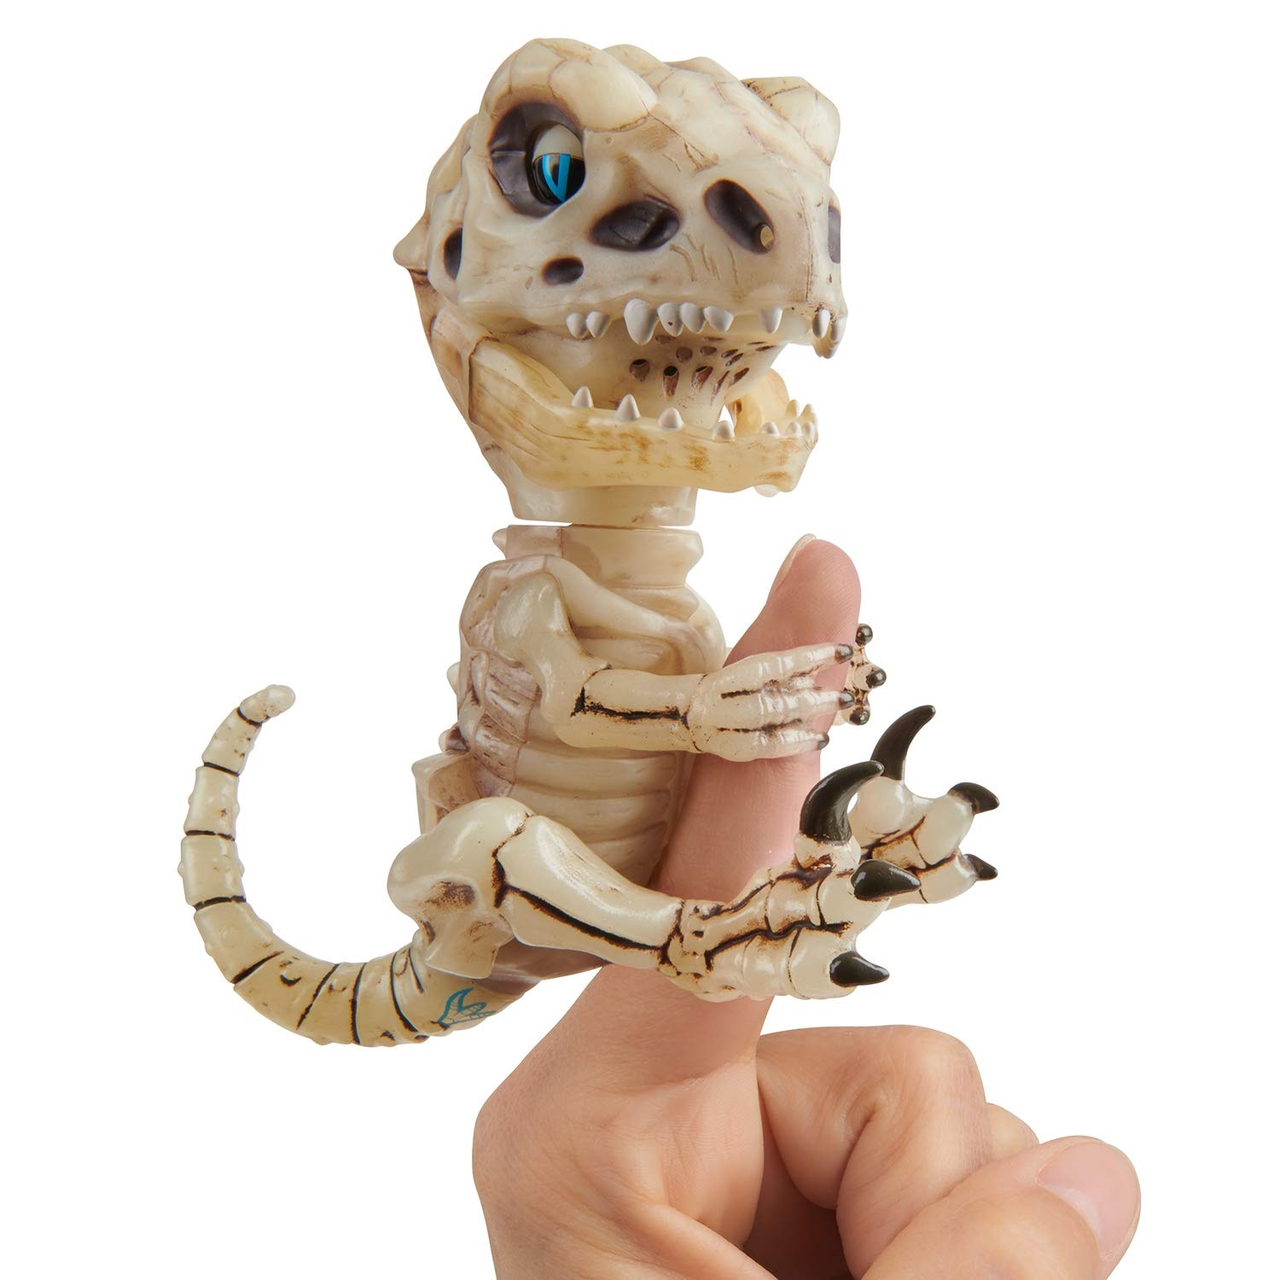 【含税直邮】WowWee 凶猛迅猛龙恐龙骨架手指互动玩具